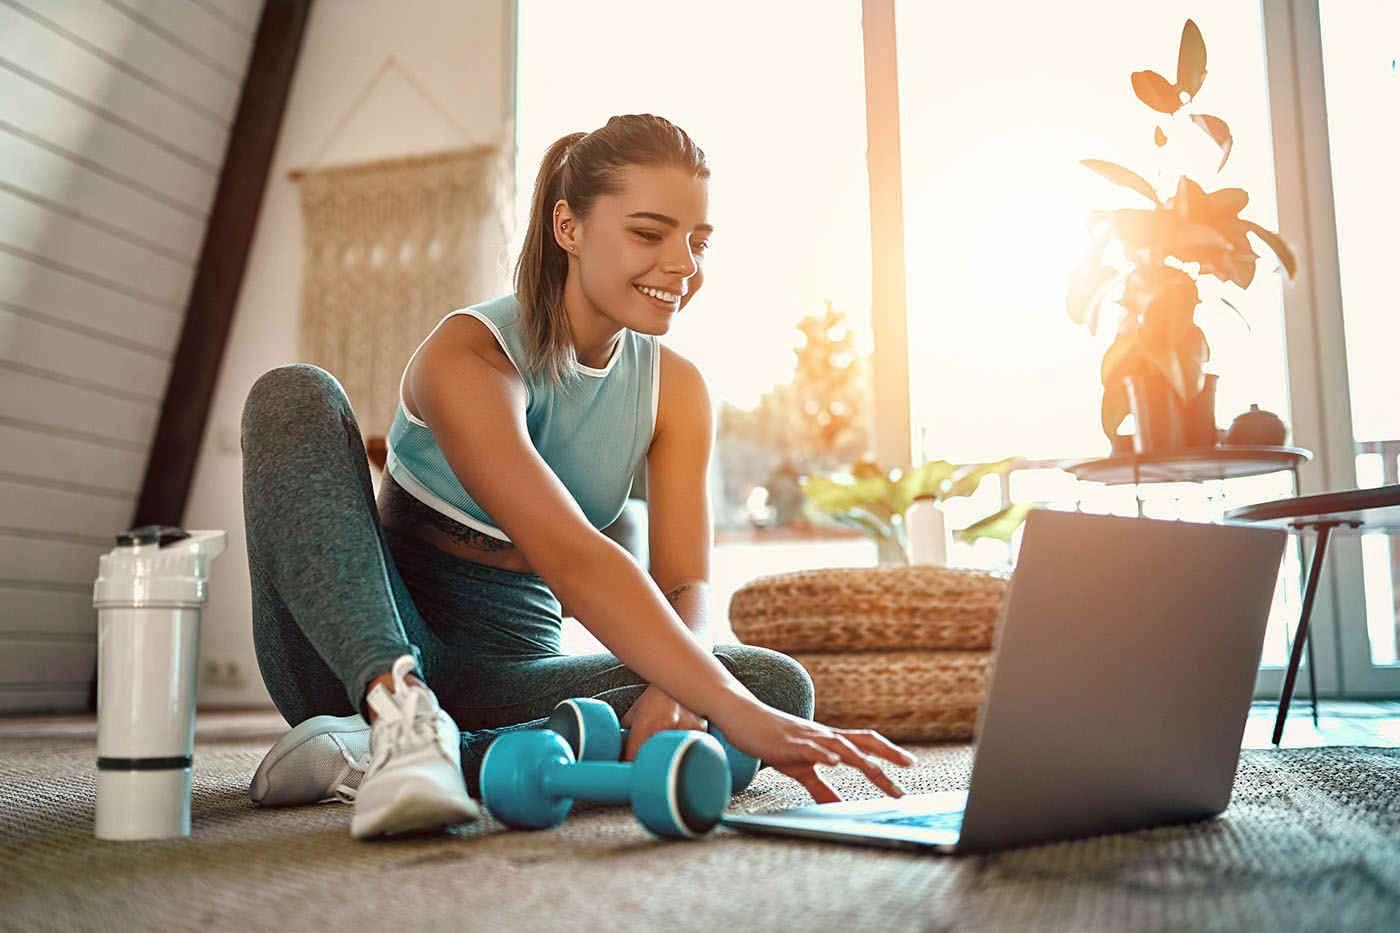 Trenduri în fitness în 2021. Cum s-a schimbat modul în care facem mișcare?